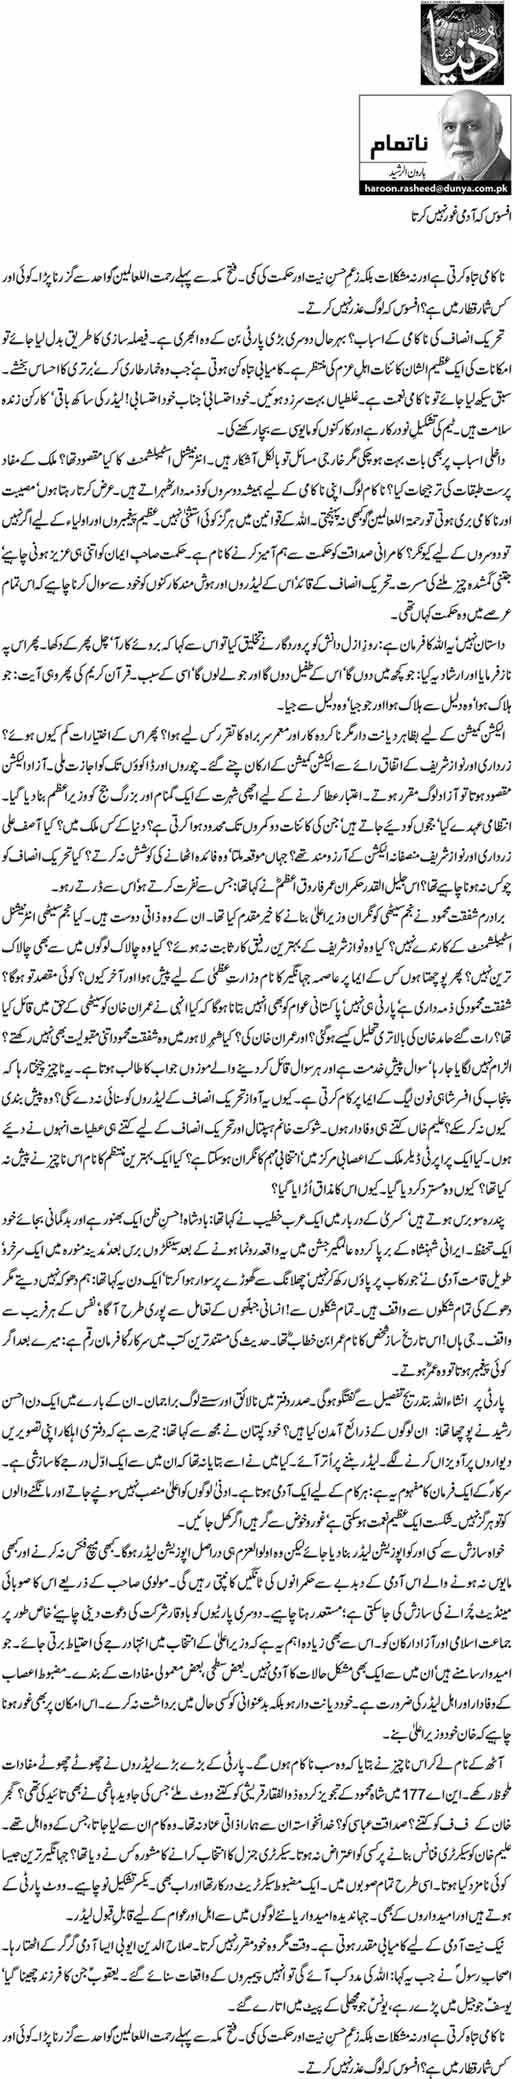 Afsos K Admi Ghaur Nahi Karta - Haroon-ur-Rasheed